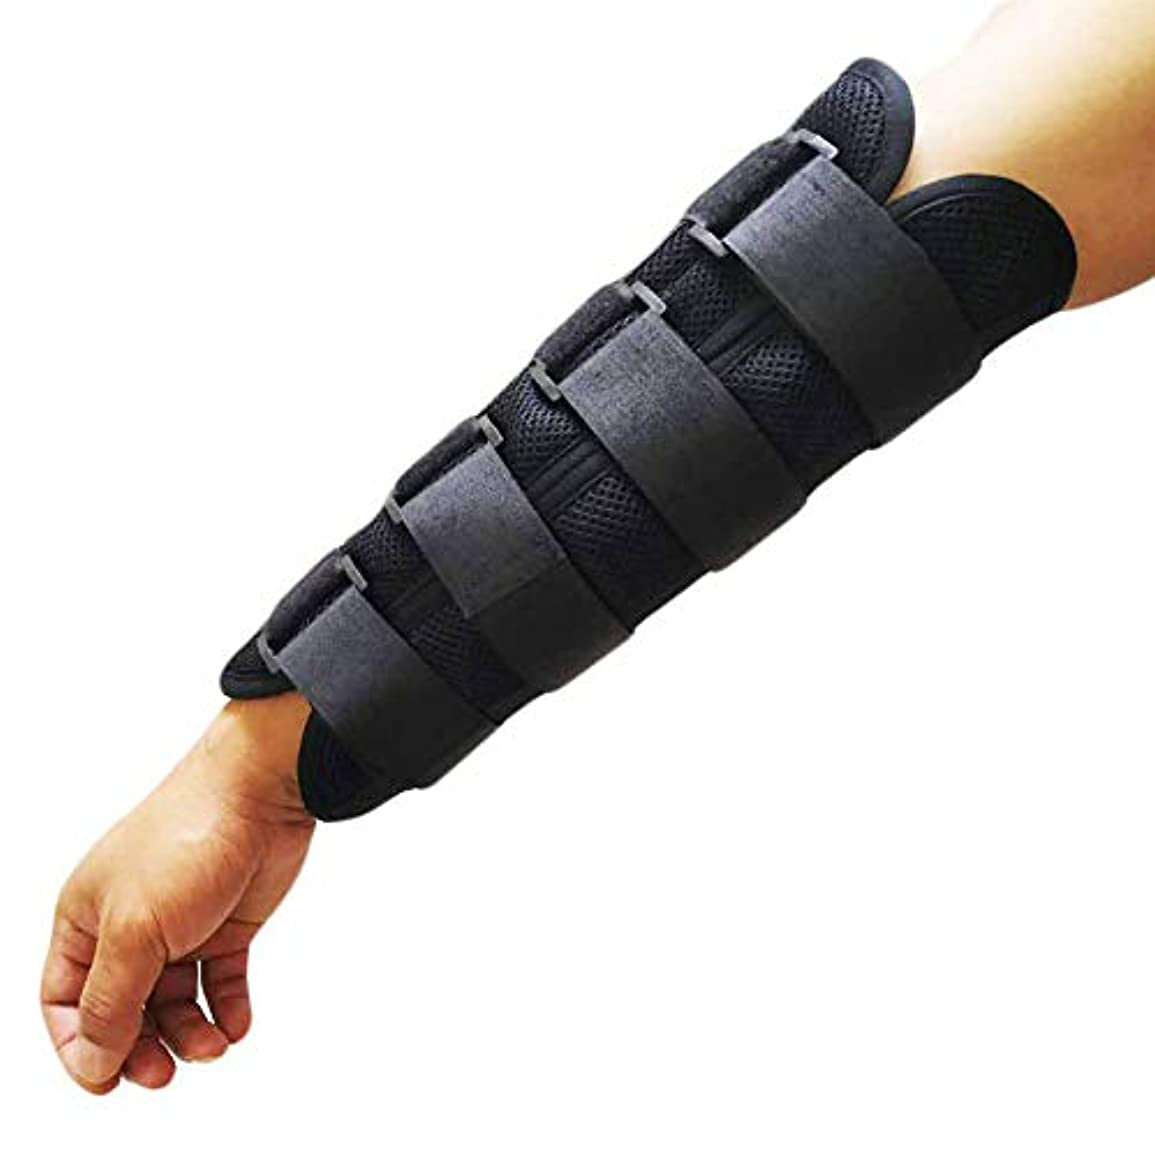 適格飢えた隙間手首と前腕の副木調整可能な前腕の装具 固定サポート捻S、脱臼、関節炎、腱炎のナイトスプリント,S